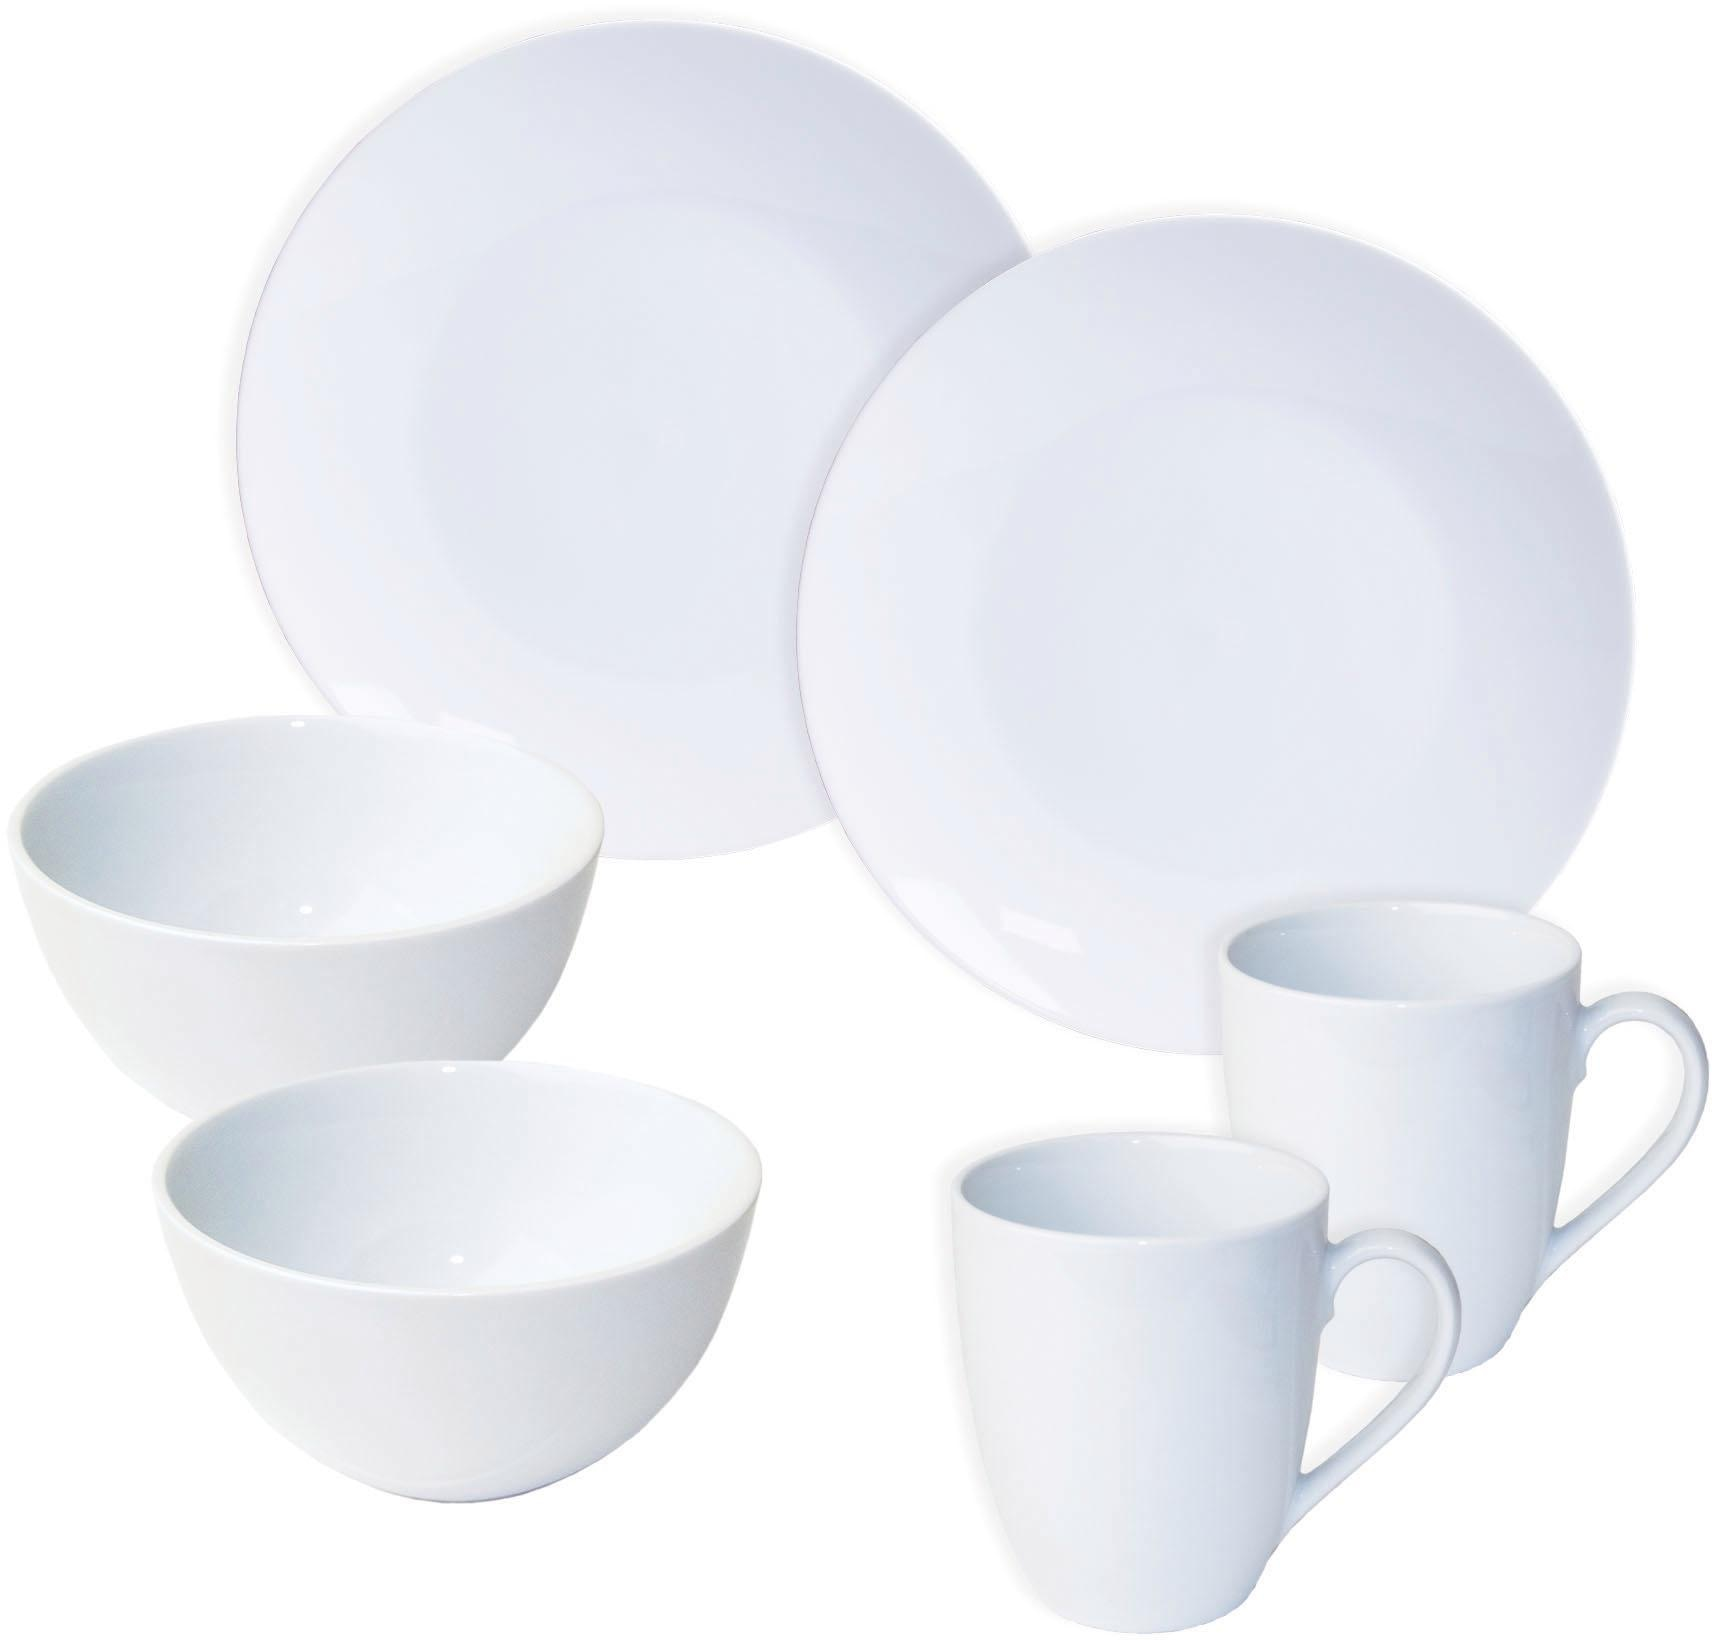 Platte 28cm Serie Lilli Servierplatte eckig weiß Kuchenplatte Geschirr Porzellan